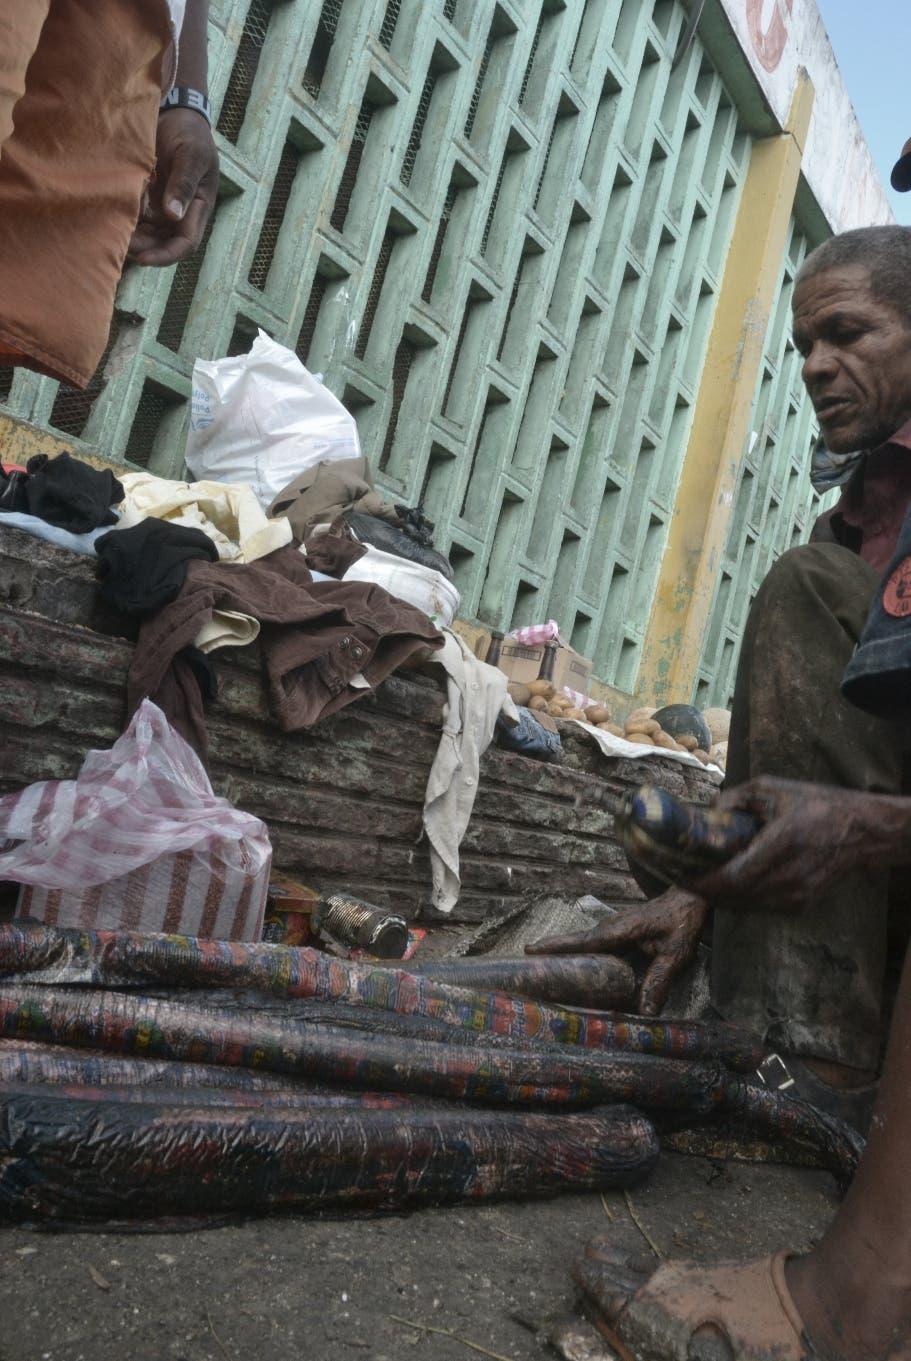 Vendedores repararán daños por fuego en Mercado «Nuevo»